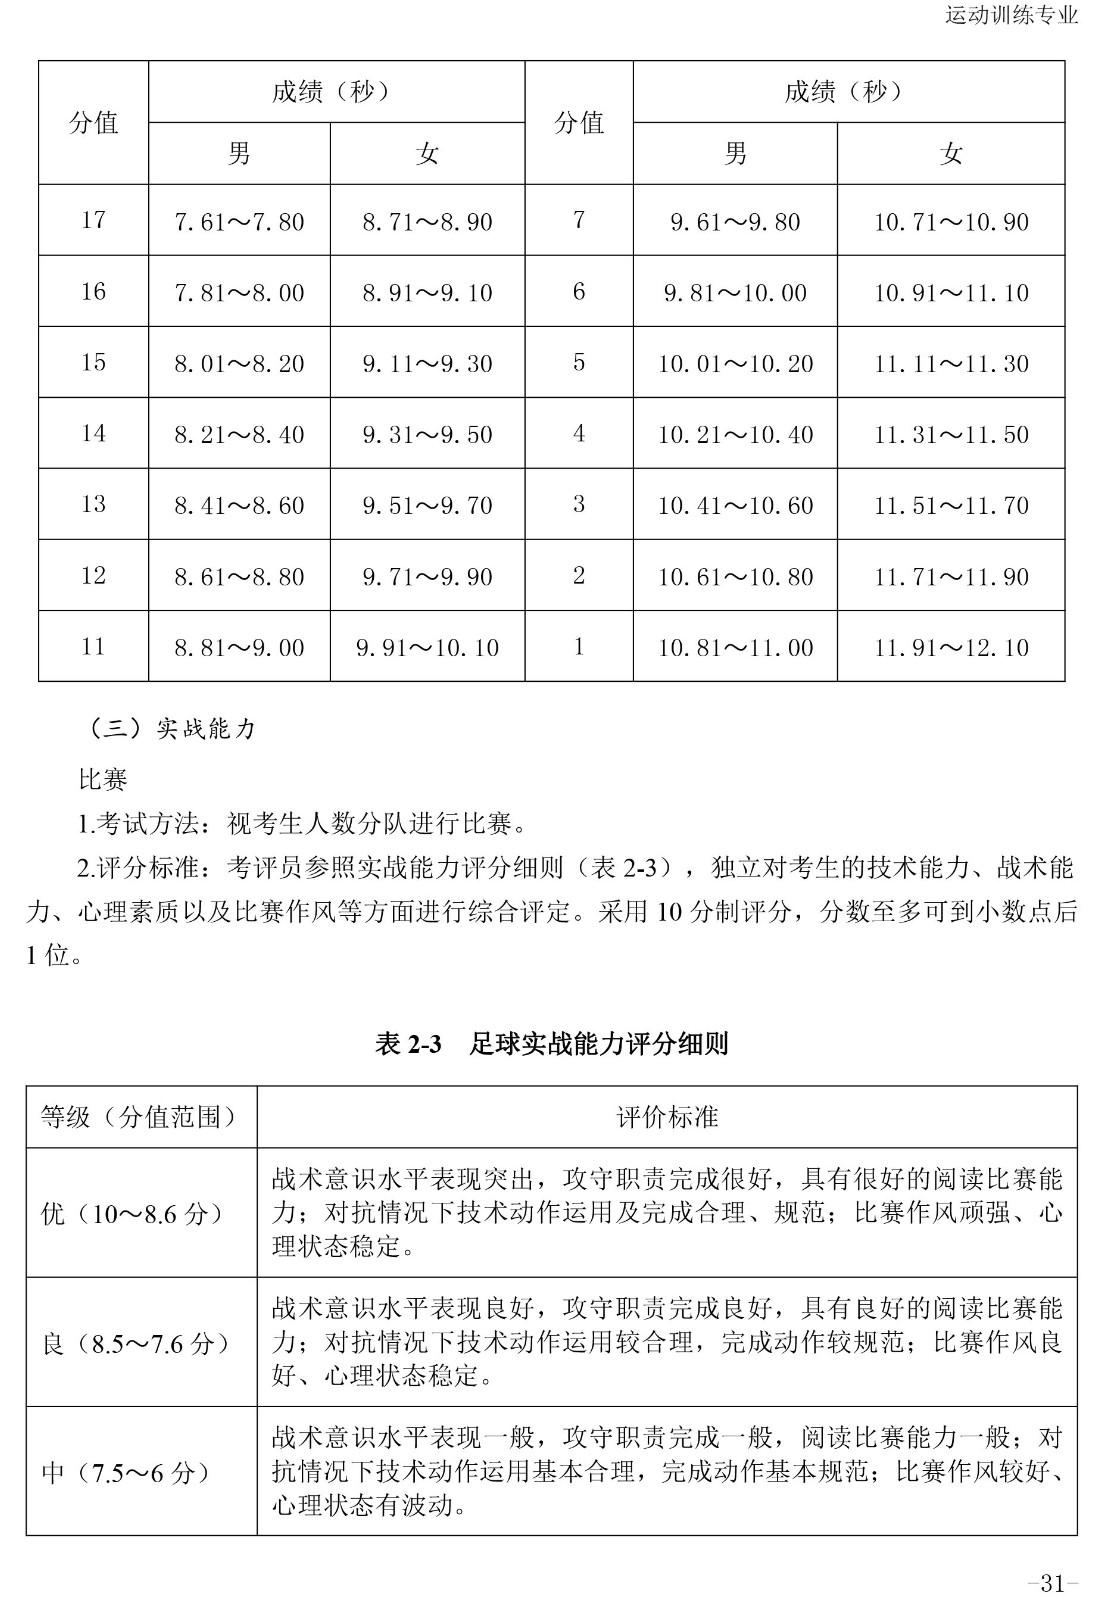 2020年体育单招专项(足球)考试与评分标准